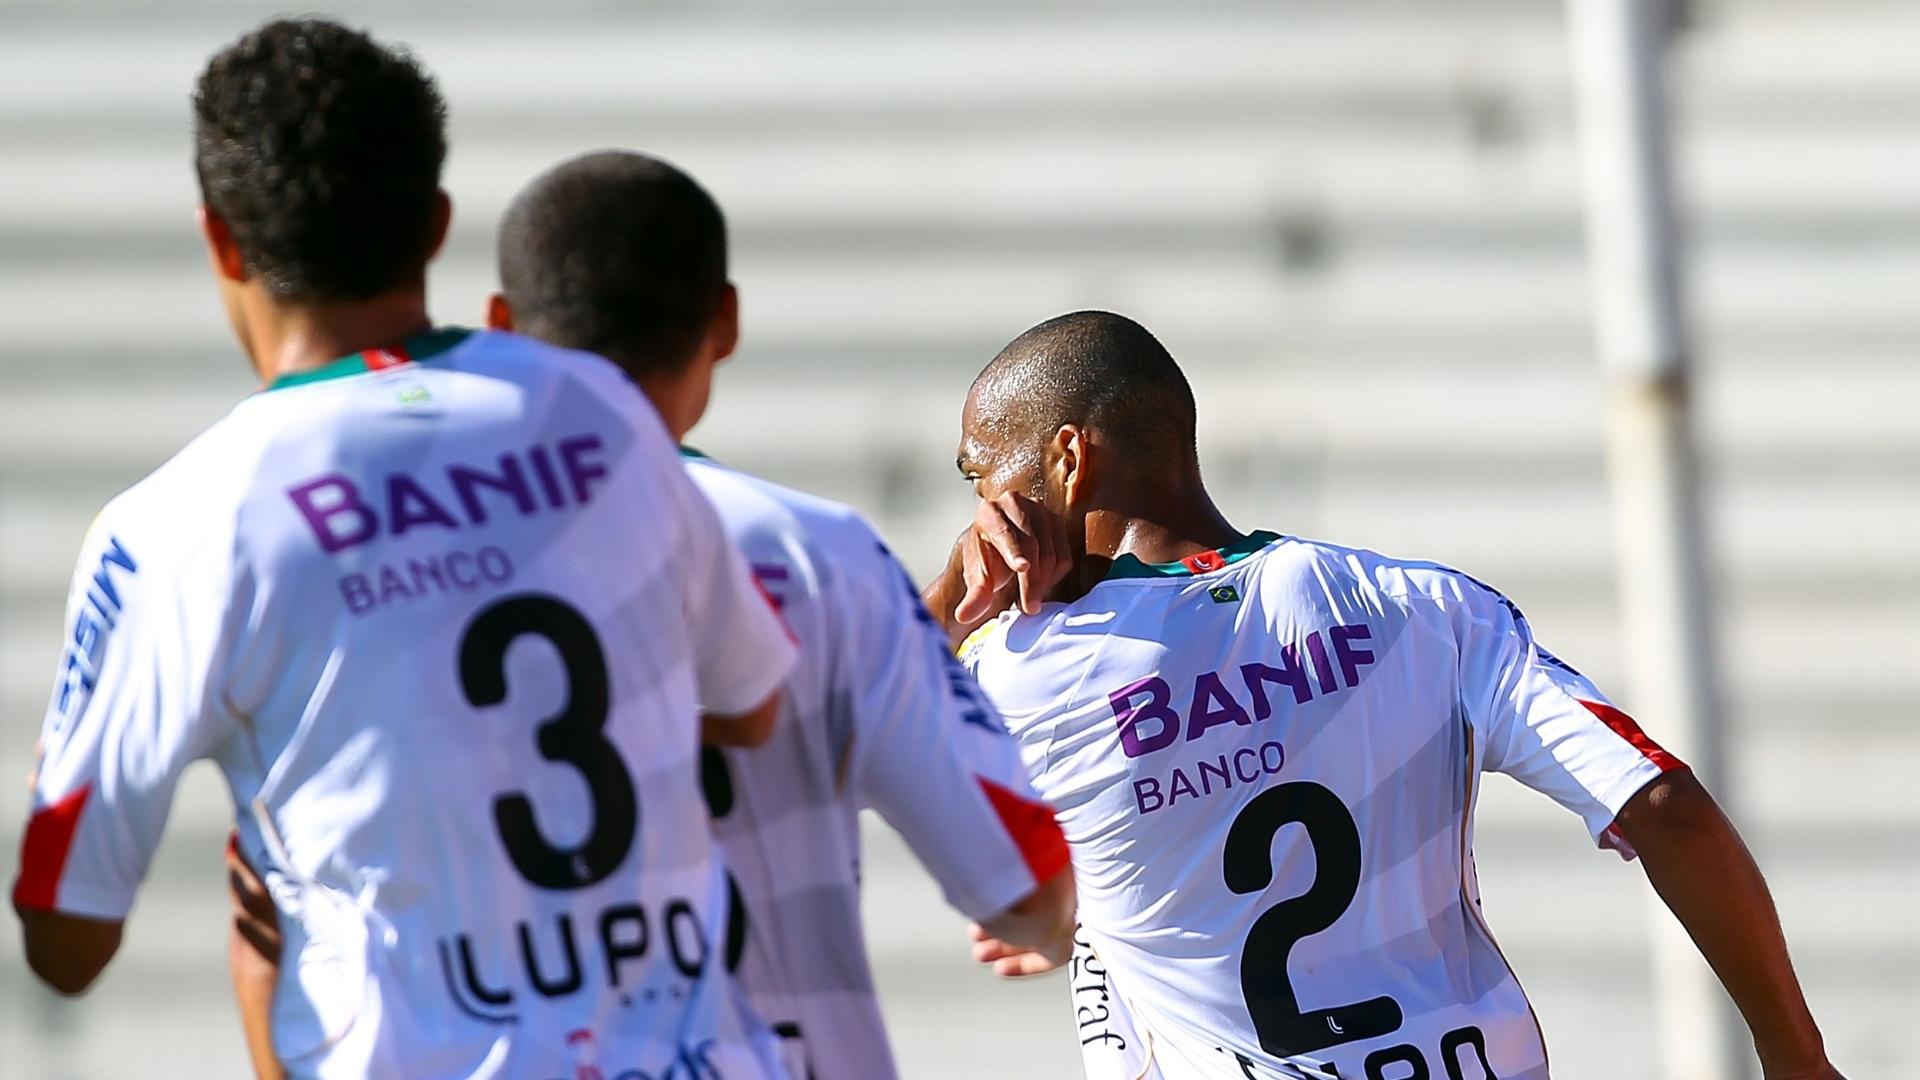 25.nov.2012-Zagueiro Luis Ricardo, da Portuguesa, comemora gol marcado na partida contra o Internacional no Beira-Rio